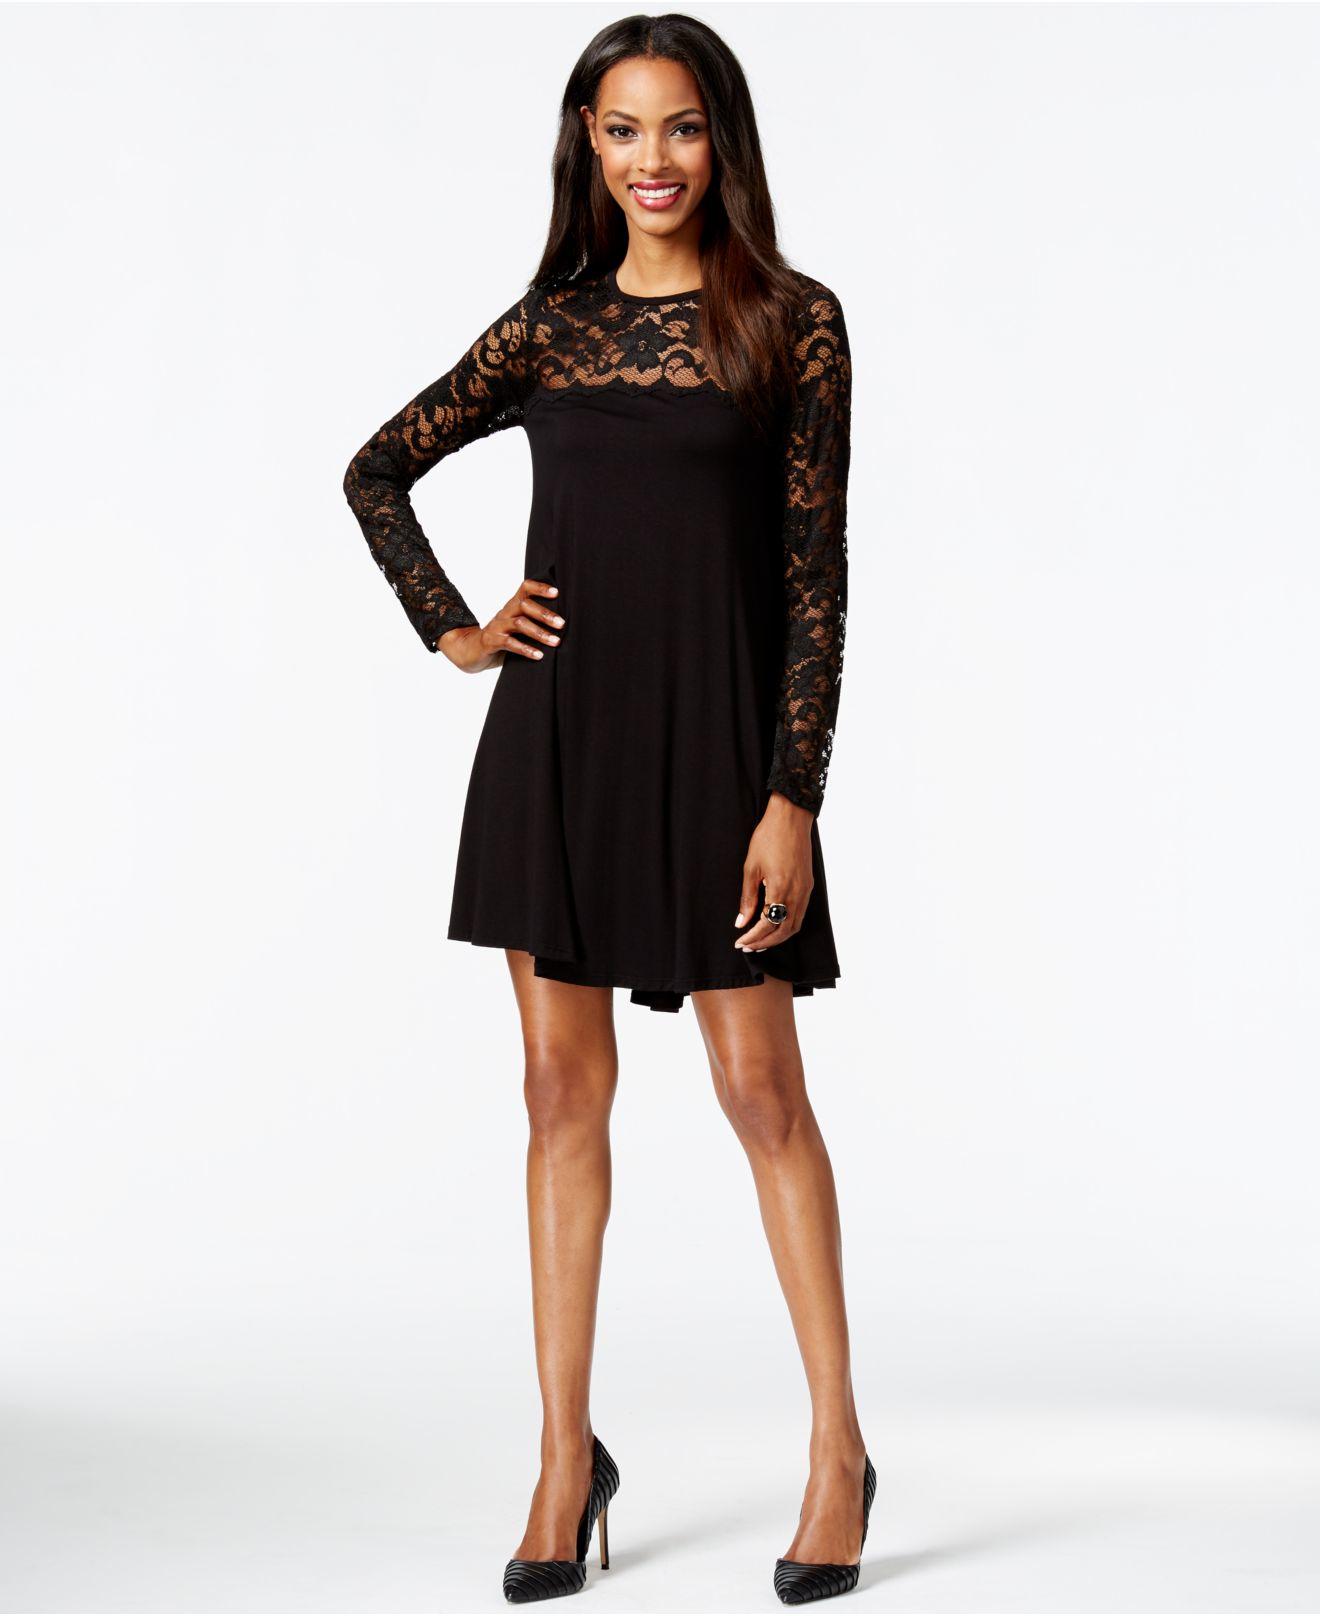 560d5d107acd2 Lyst - Karen Kane Lace Swing Dress in Black